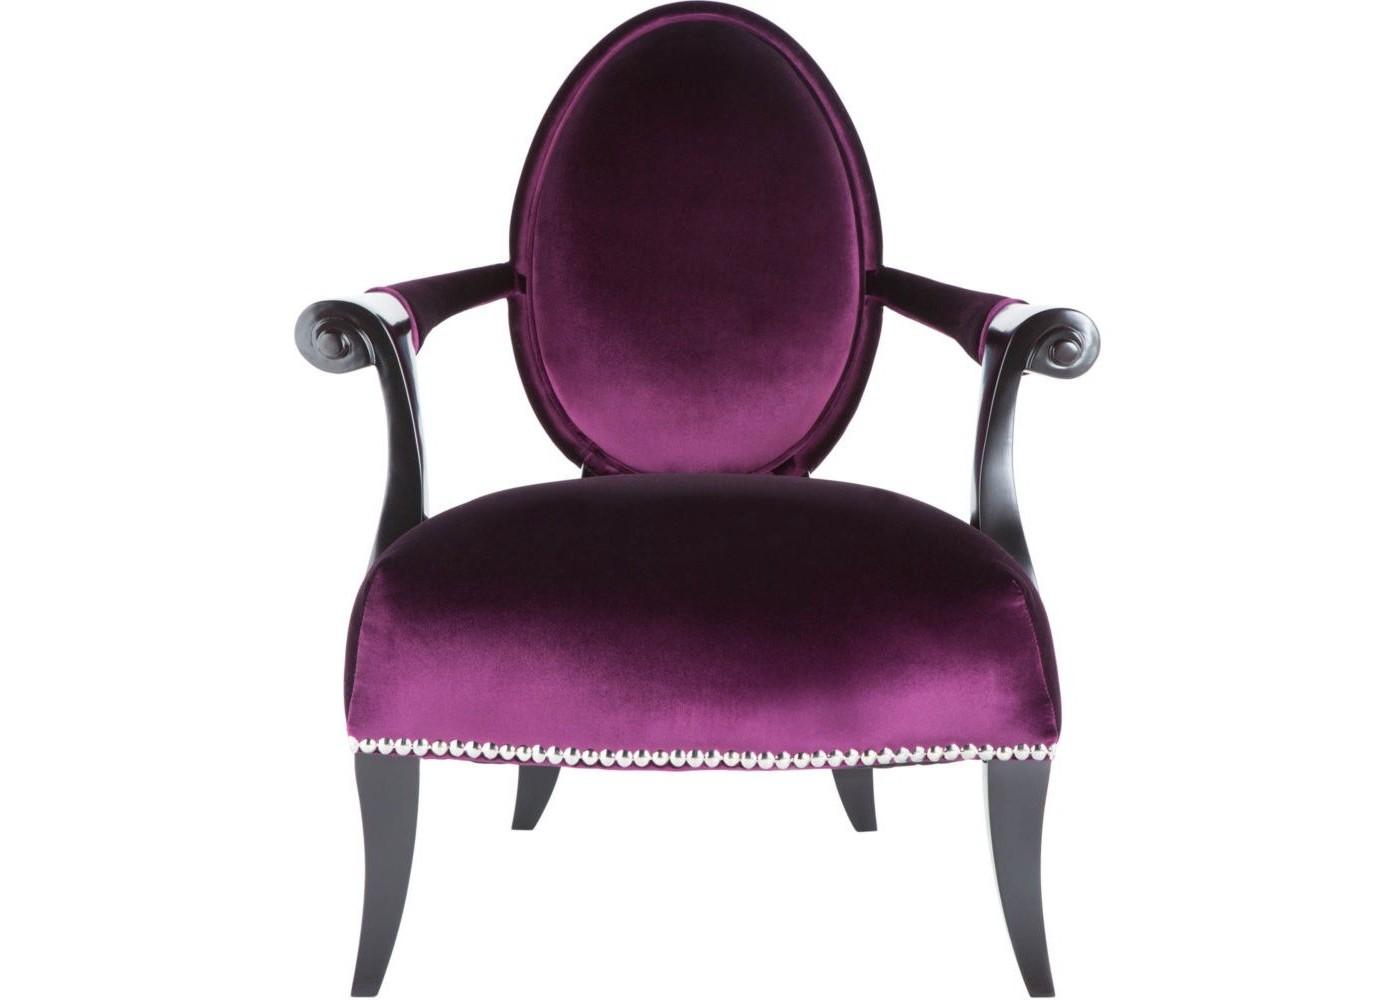 Кресло. Производитель: Living, артикул: 58726